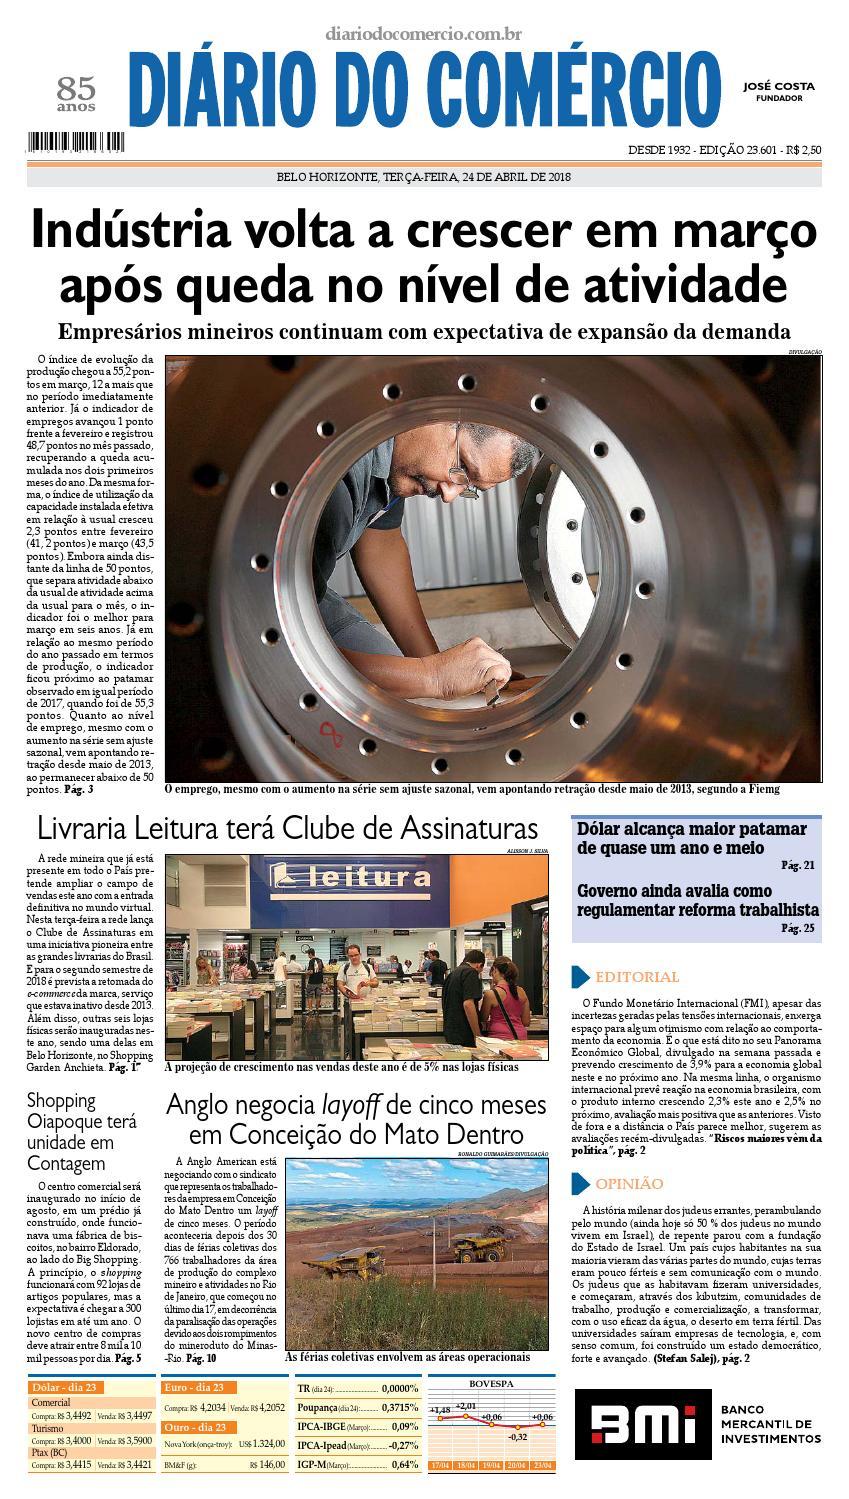 7e8722c165 23601 by Diário do Comércio - Belo Horizonte - issuu